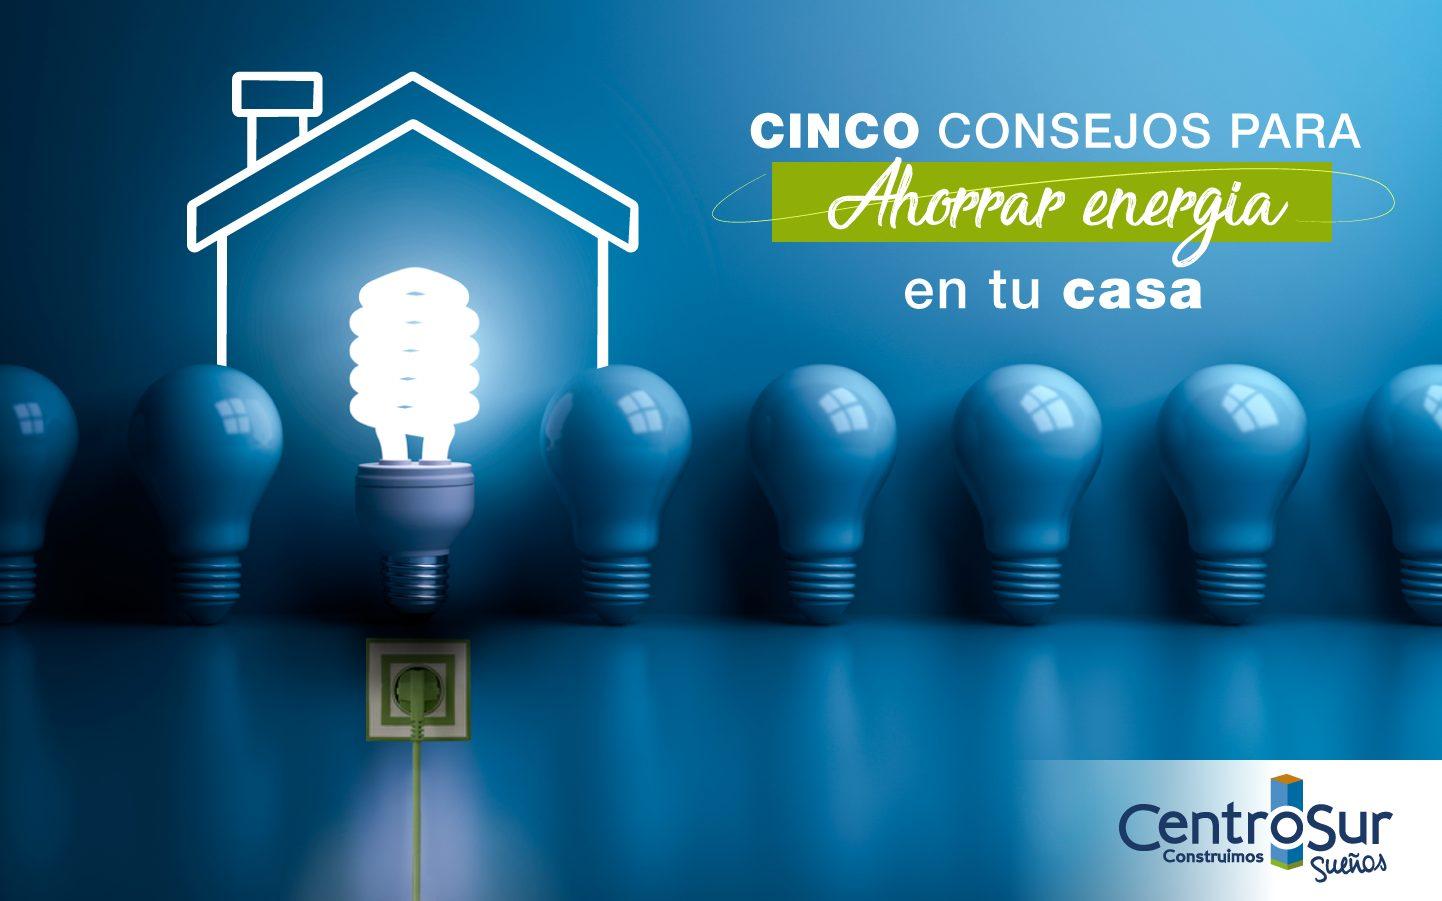 CINCO CONSEJOS PARA AHORRAR ENERGÍA EN CASA